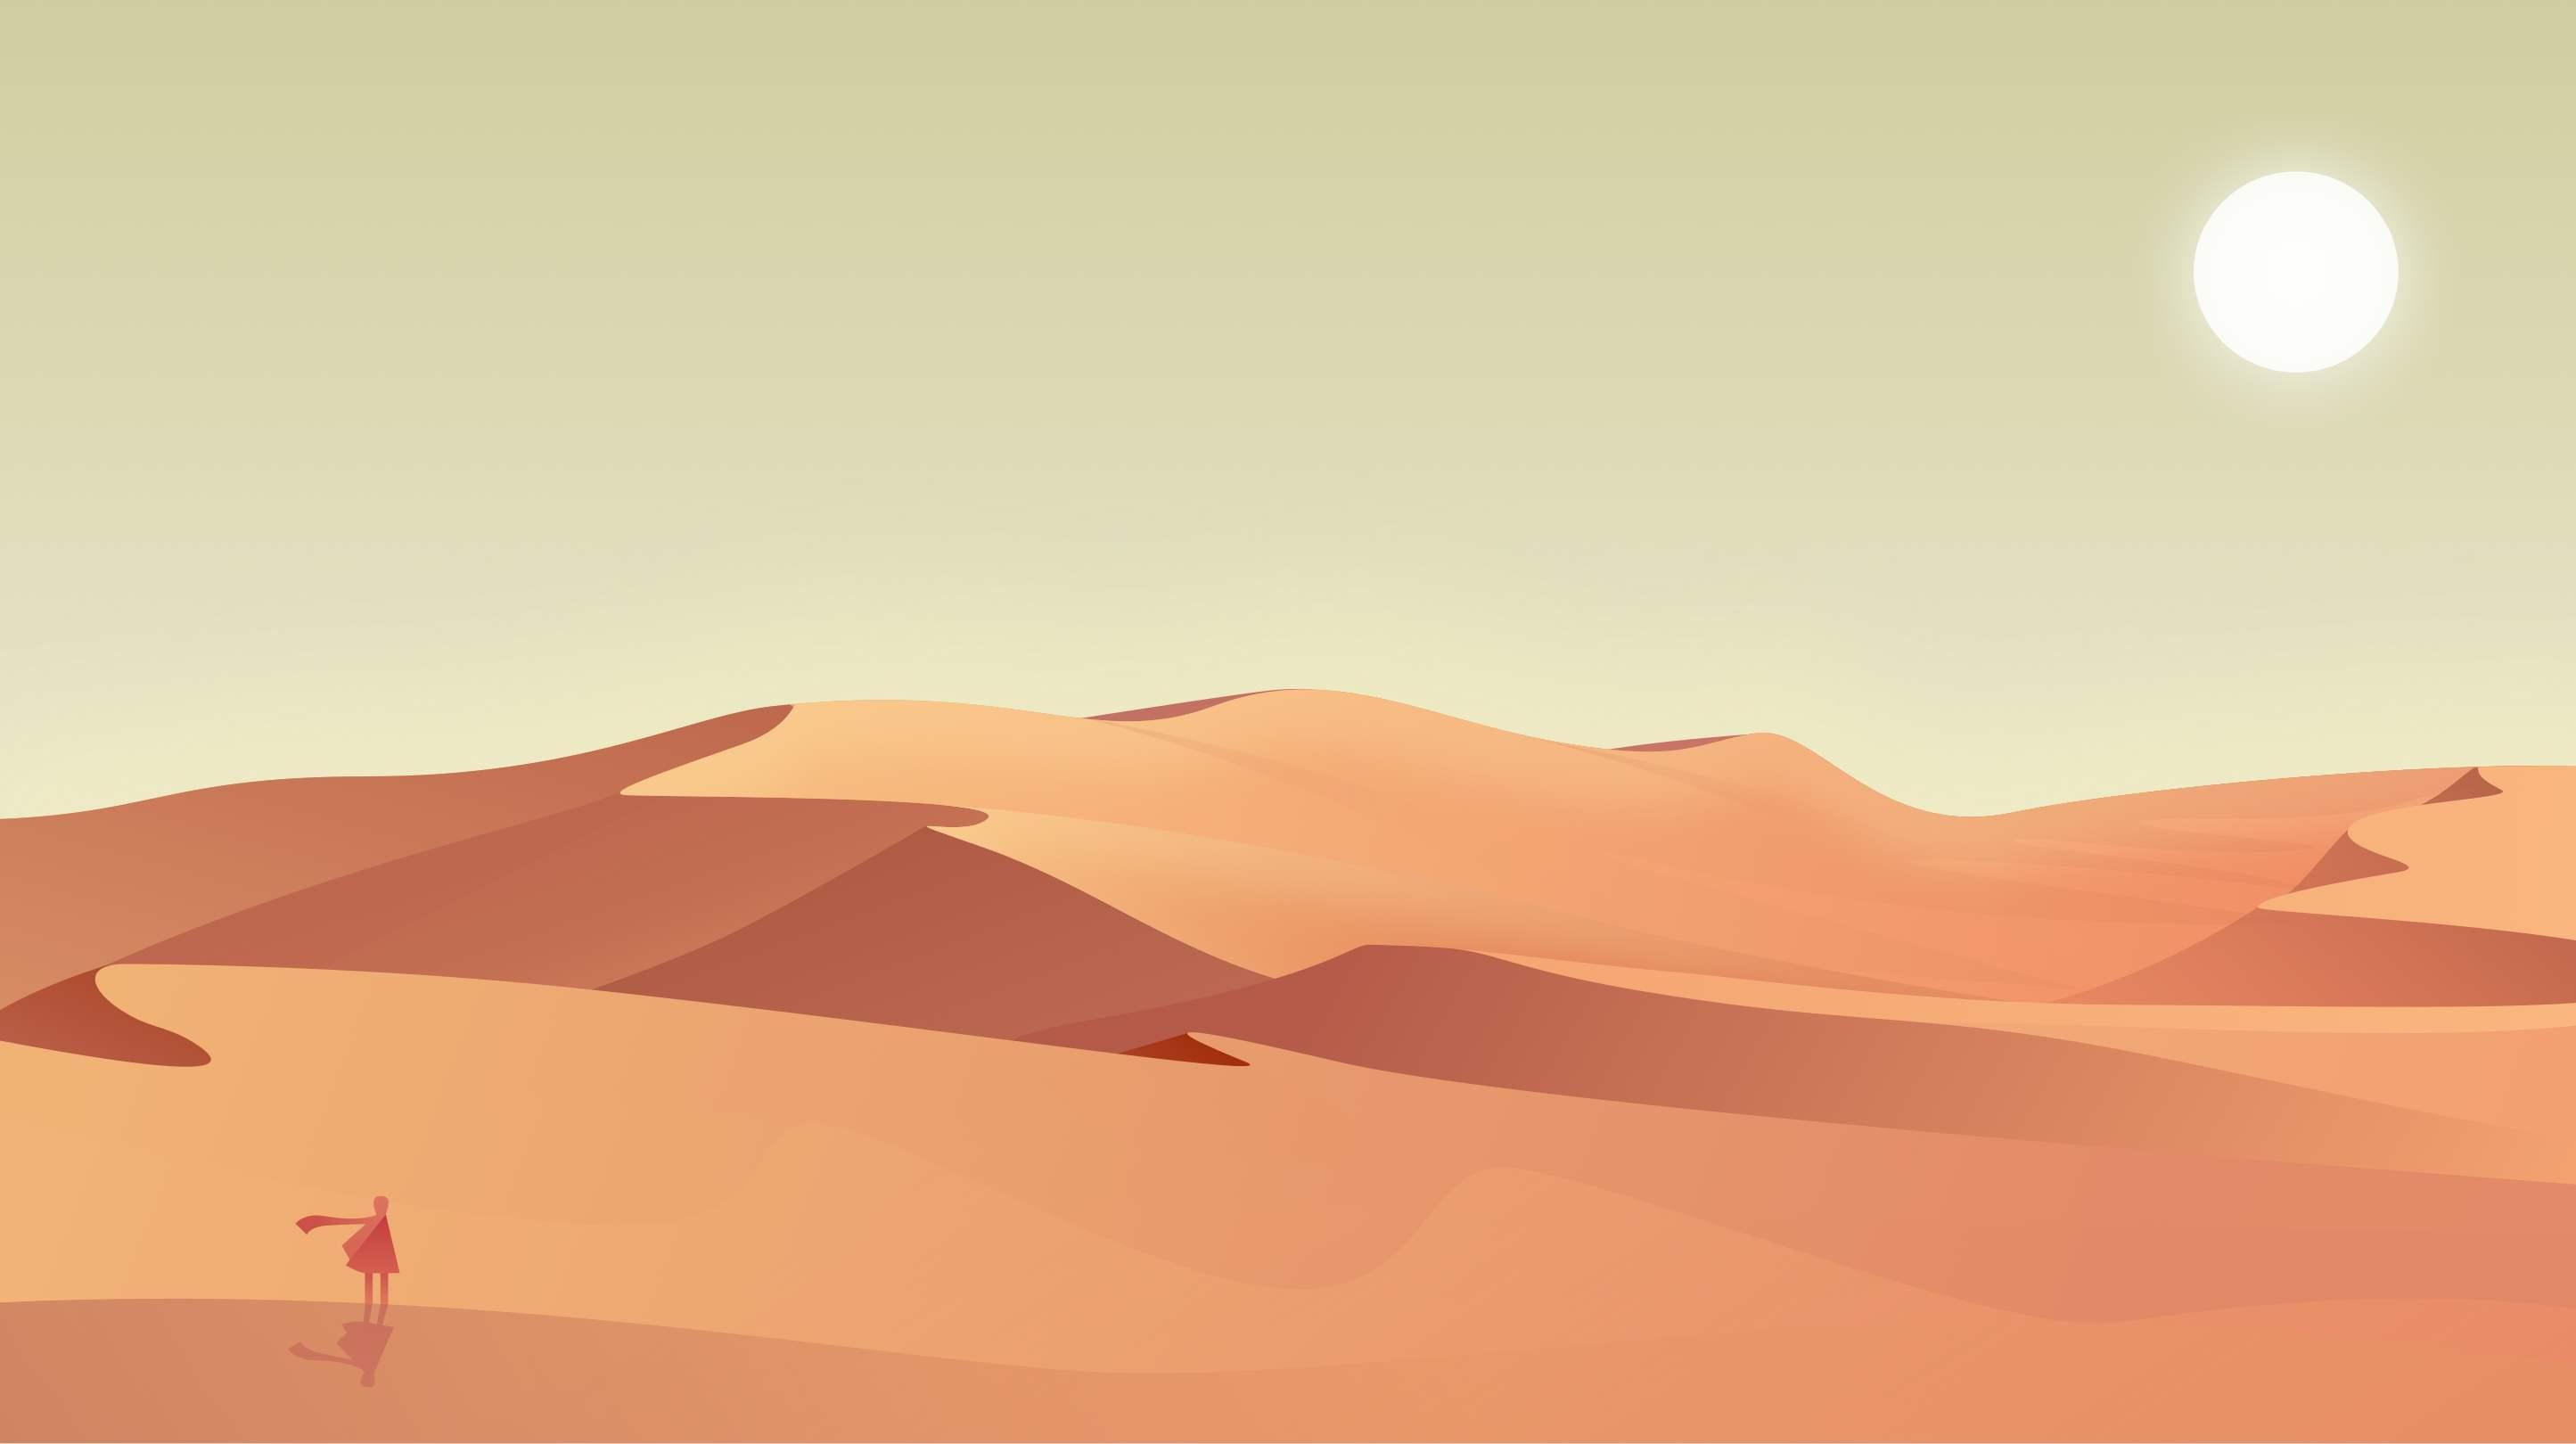 陈星汉《风之旅人》现已登陆iOS平台 售价30元[视频][多图]图片4